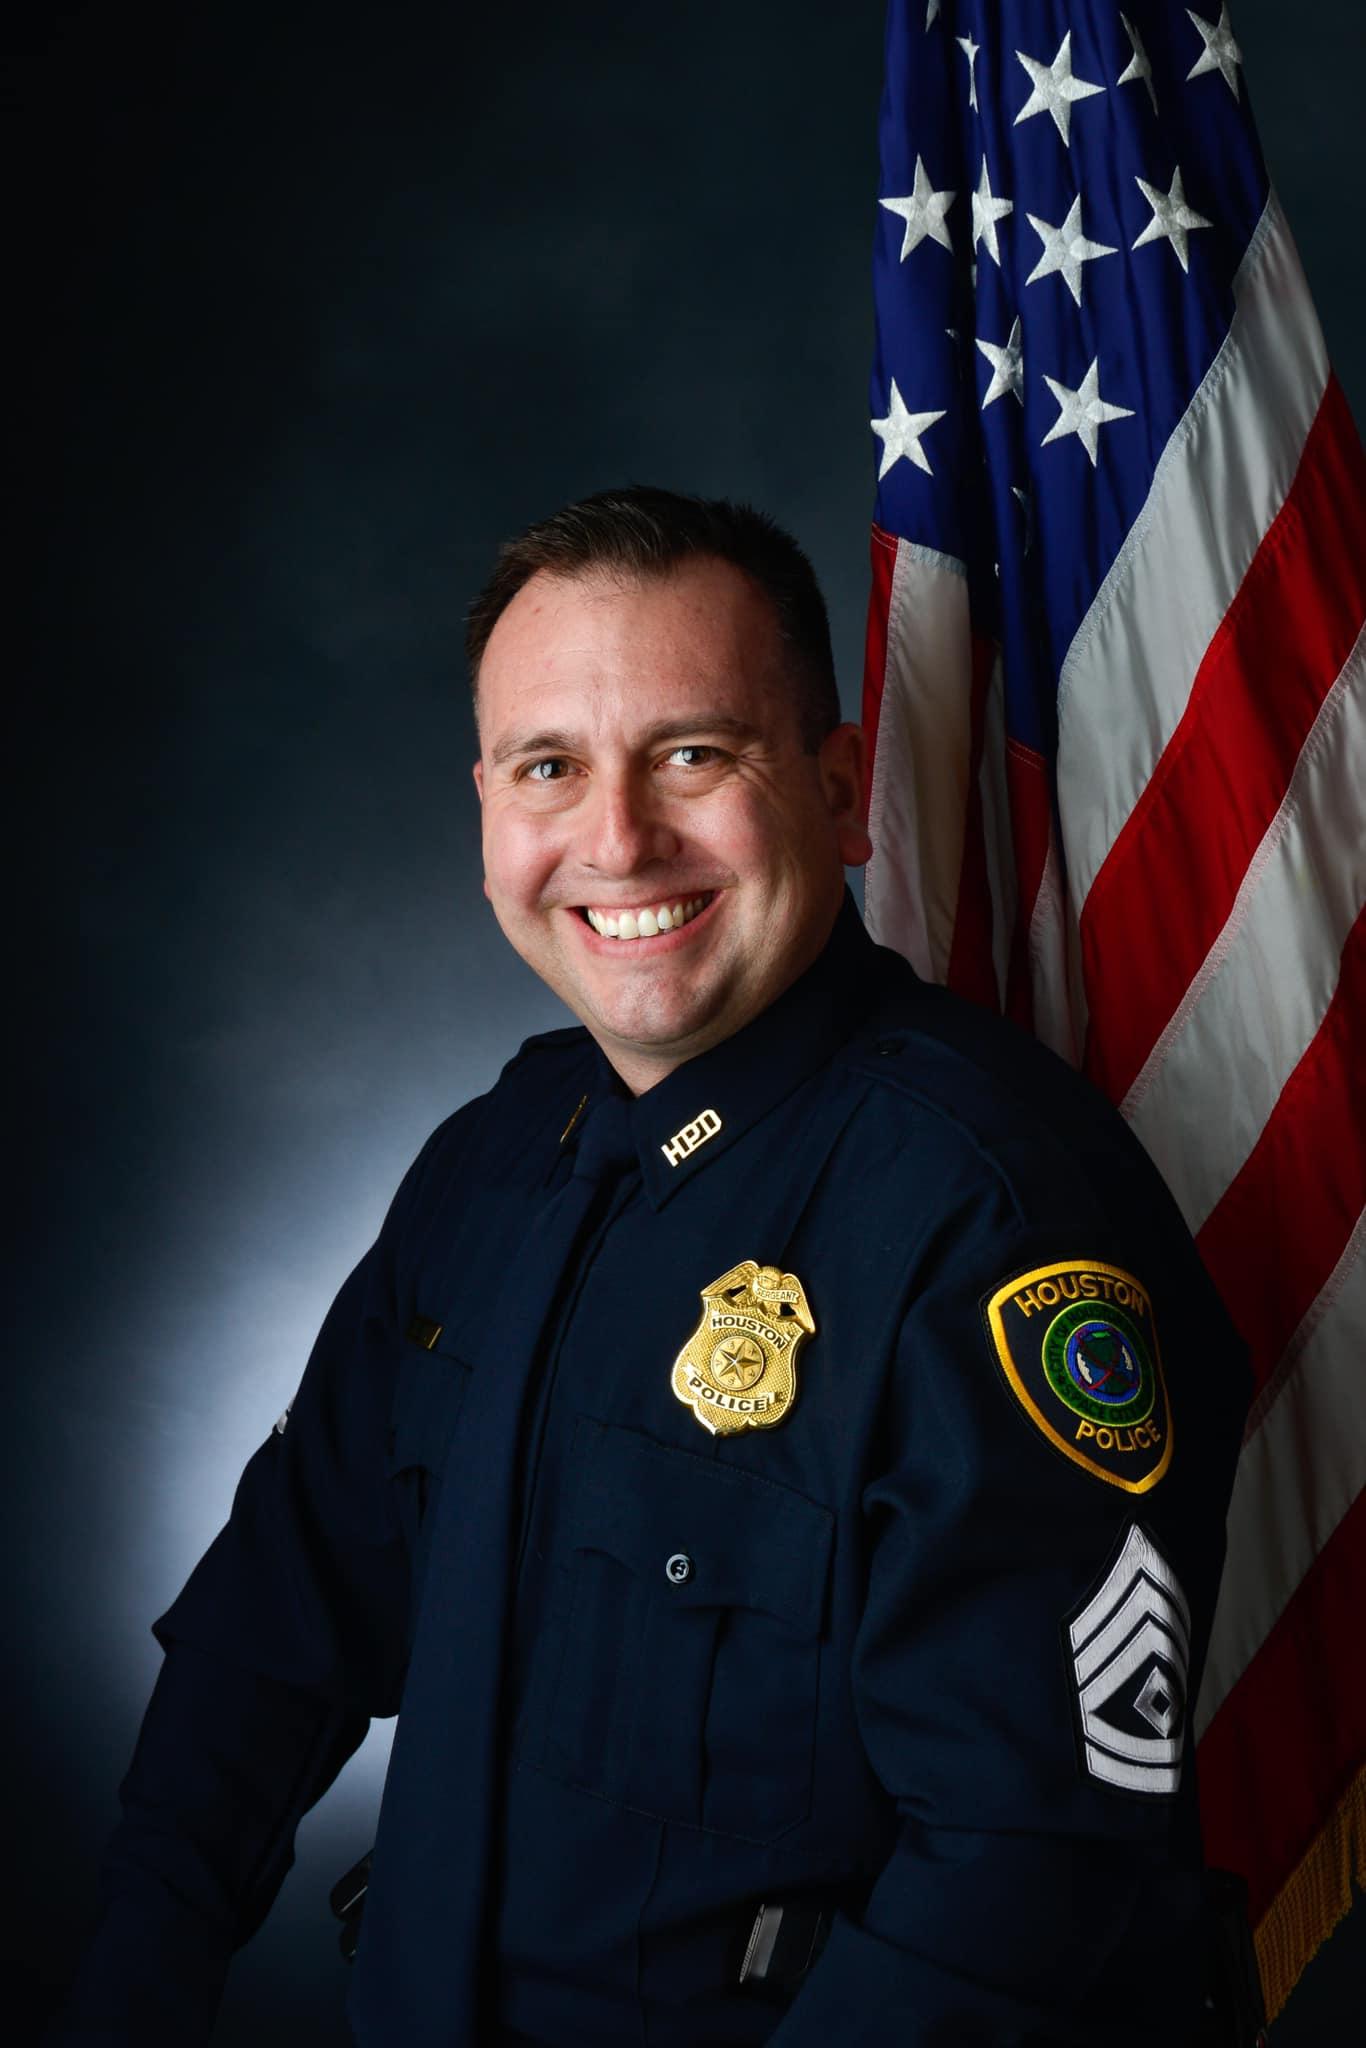 Sergeant Sean Sebastian Rios | Houston Police Department, Texas